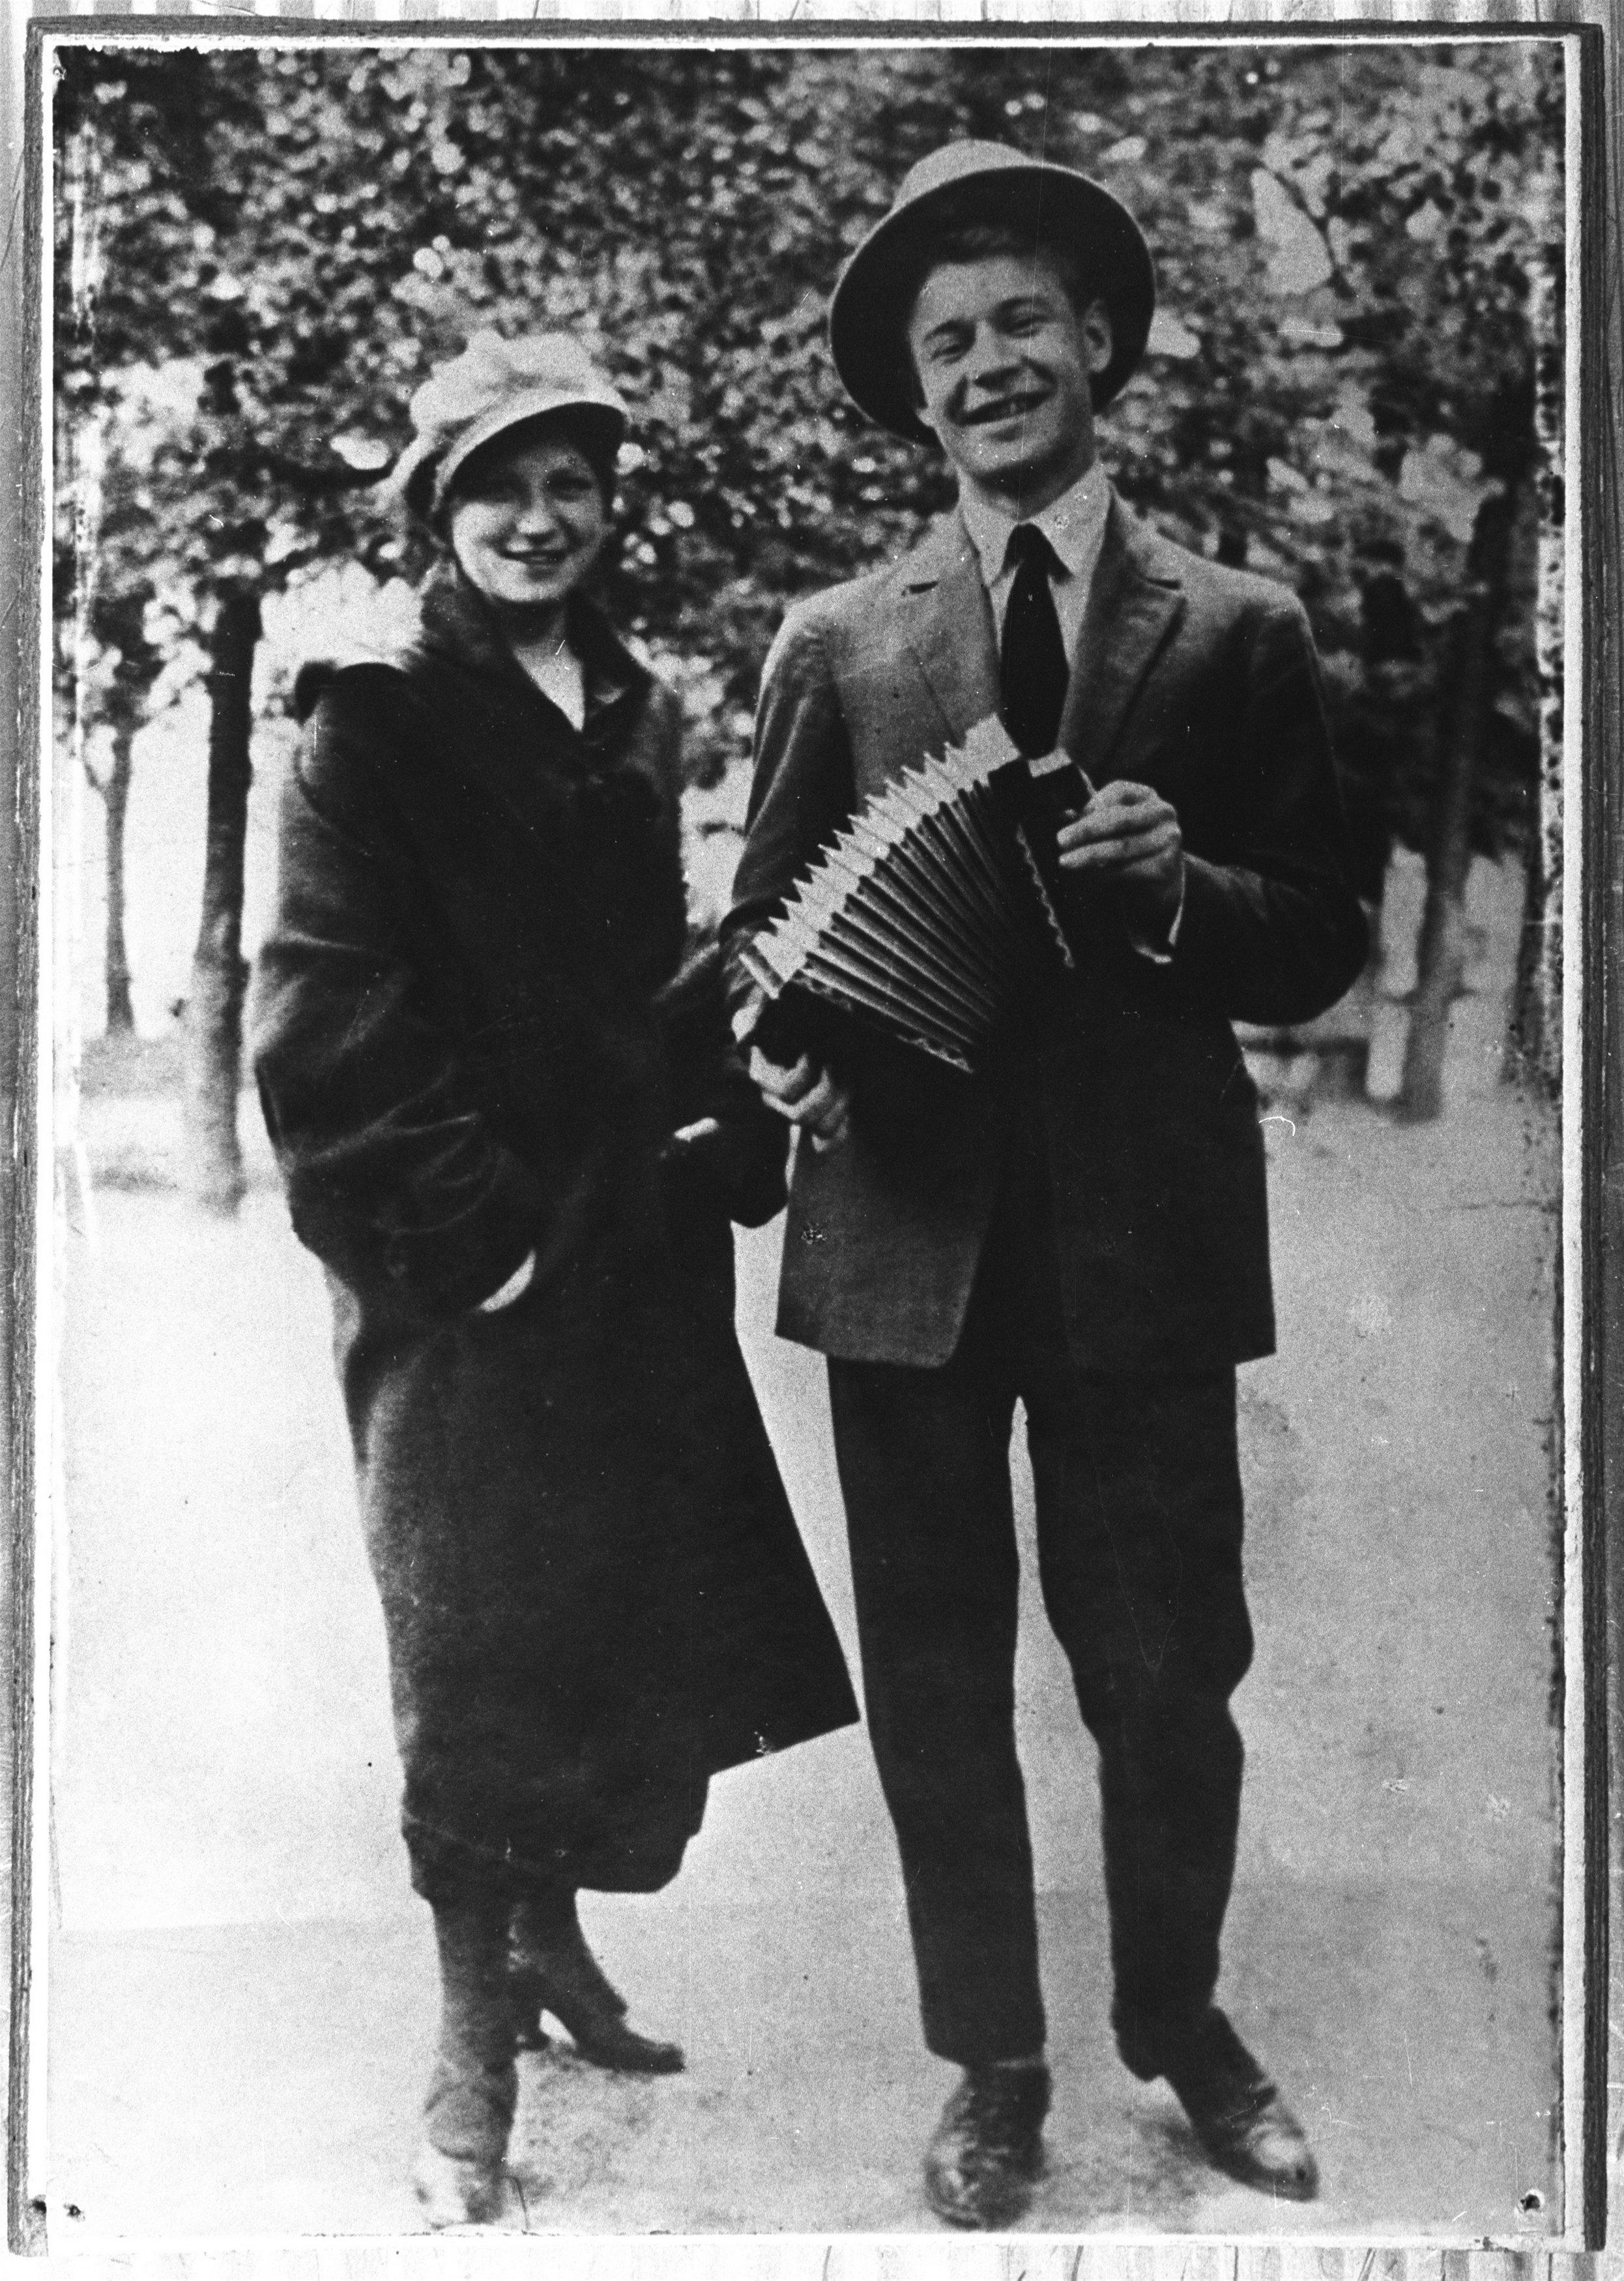 Сергей Есенин с сестрой Екатериной прогуливаются по Пречистенскому бульвару в Москве. 1925.